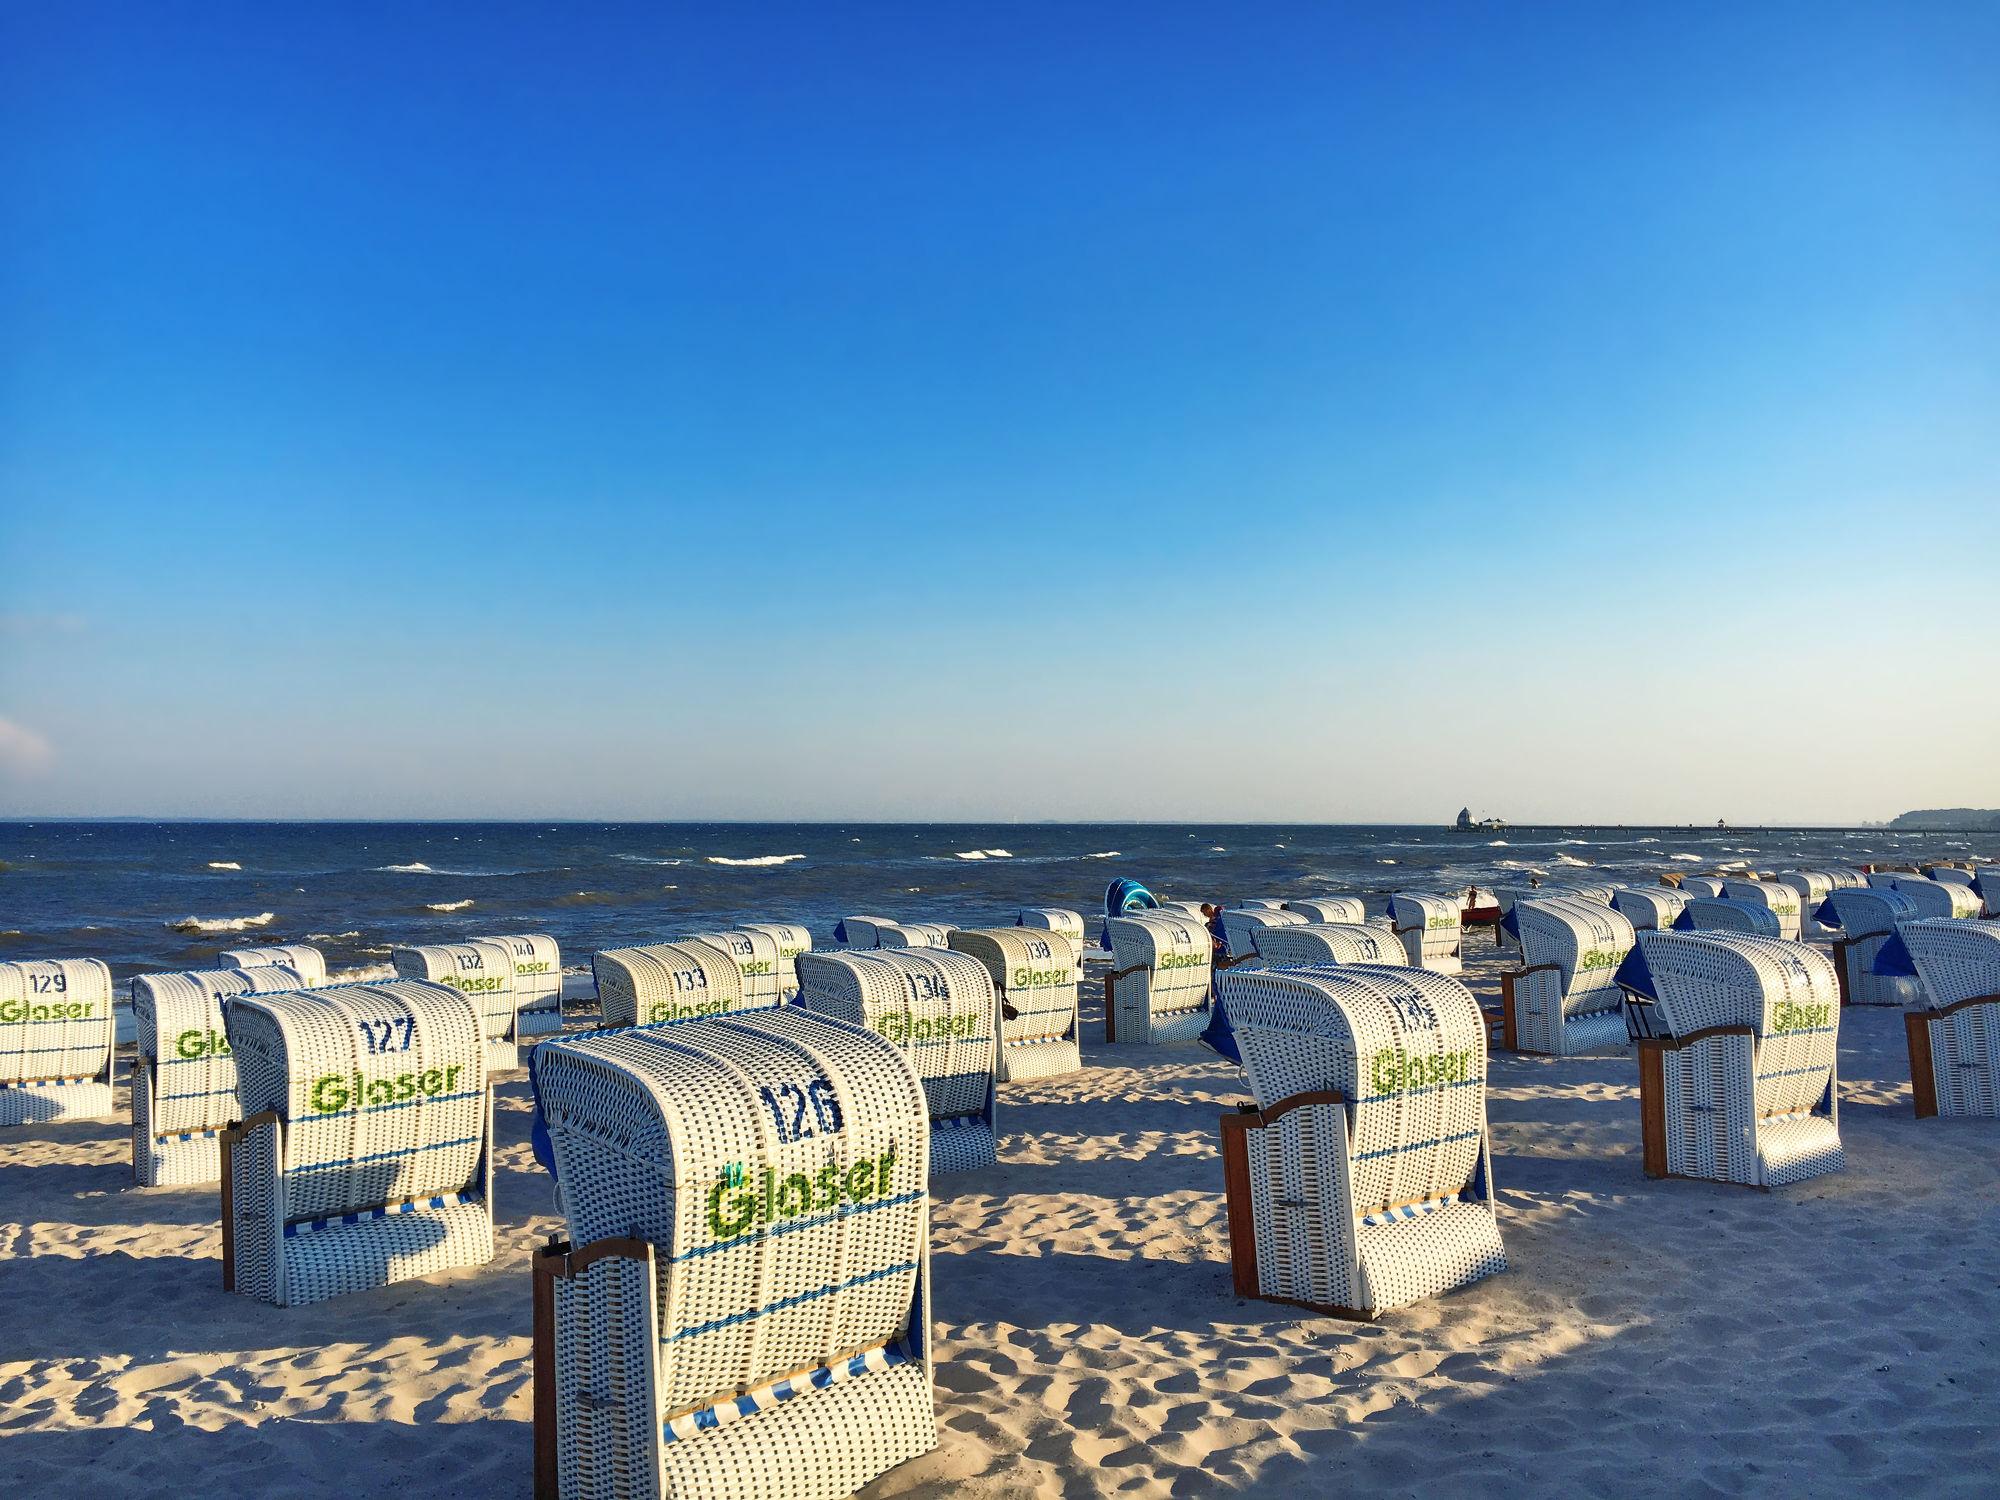 Bild mit Himmel, Sand, Urlaub, Strand, Strandblick, Meerblick, Strandkörbe, Ostsee, Lübecker Bucht, Grömitz, Meer, Strandkorb, Schleswig, Holstein, Ostholstein